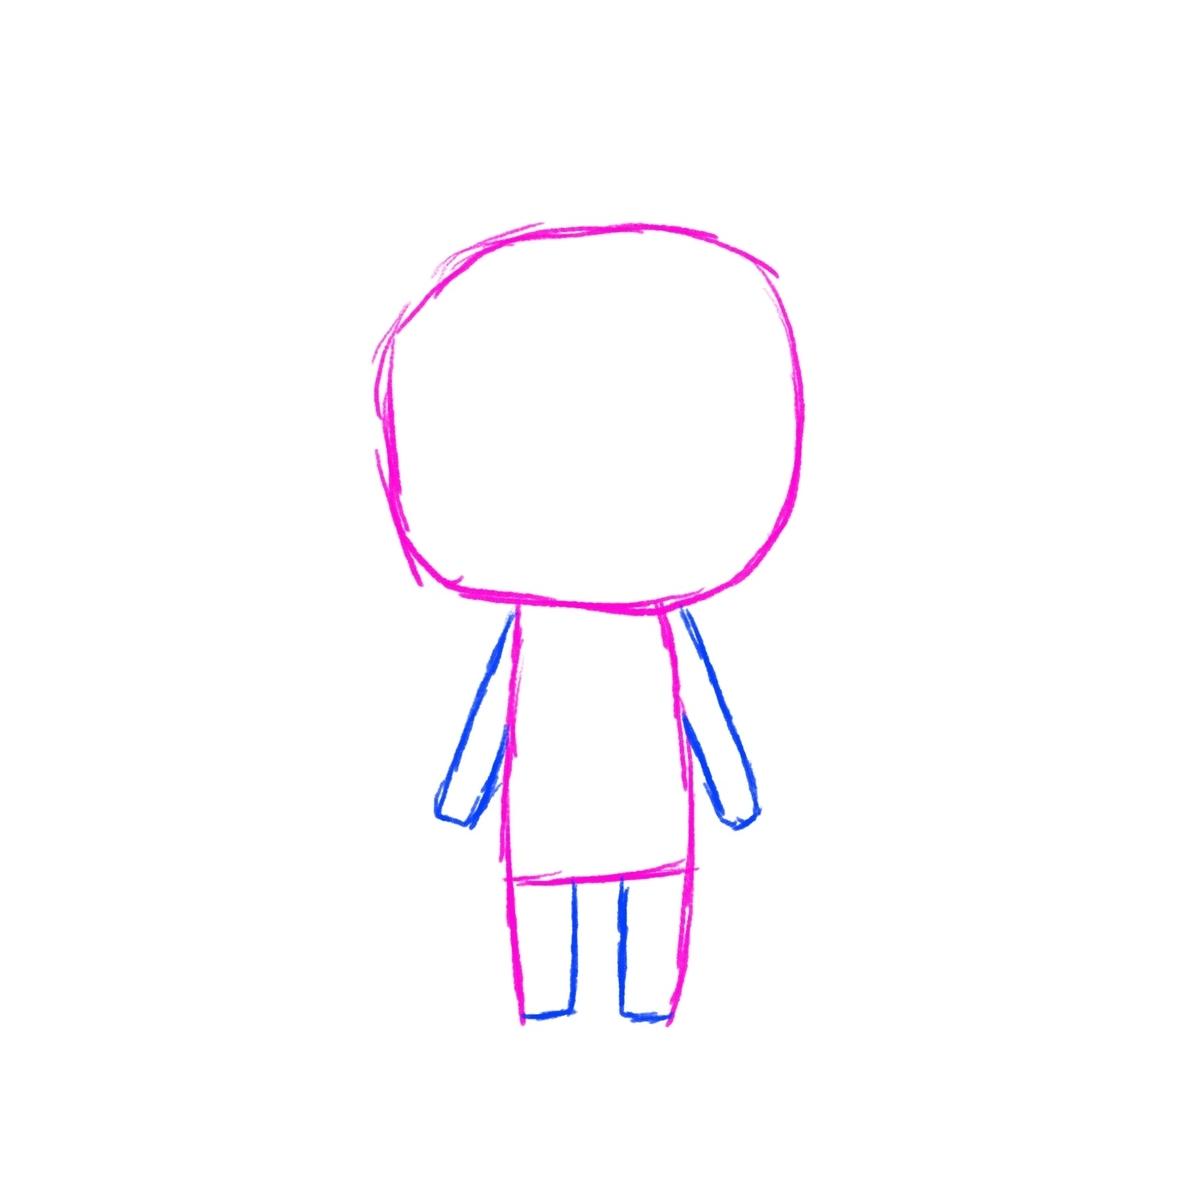 f:id:redberry072169:20190525195246j:plain